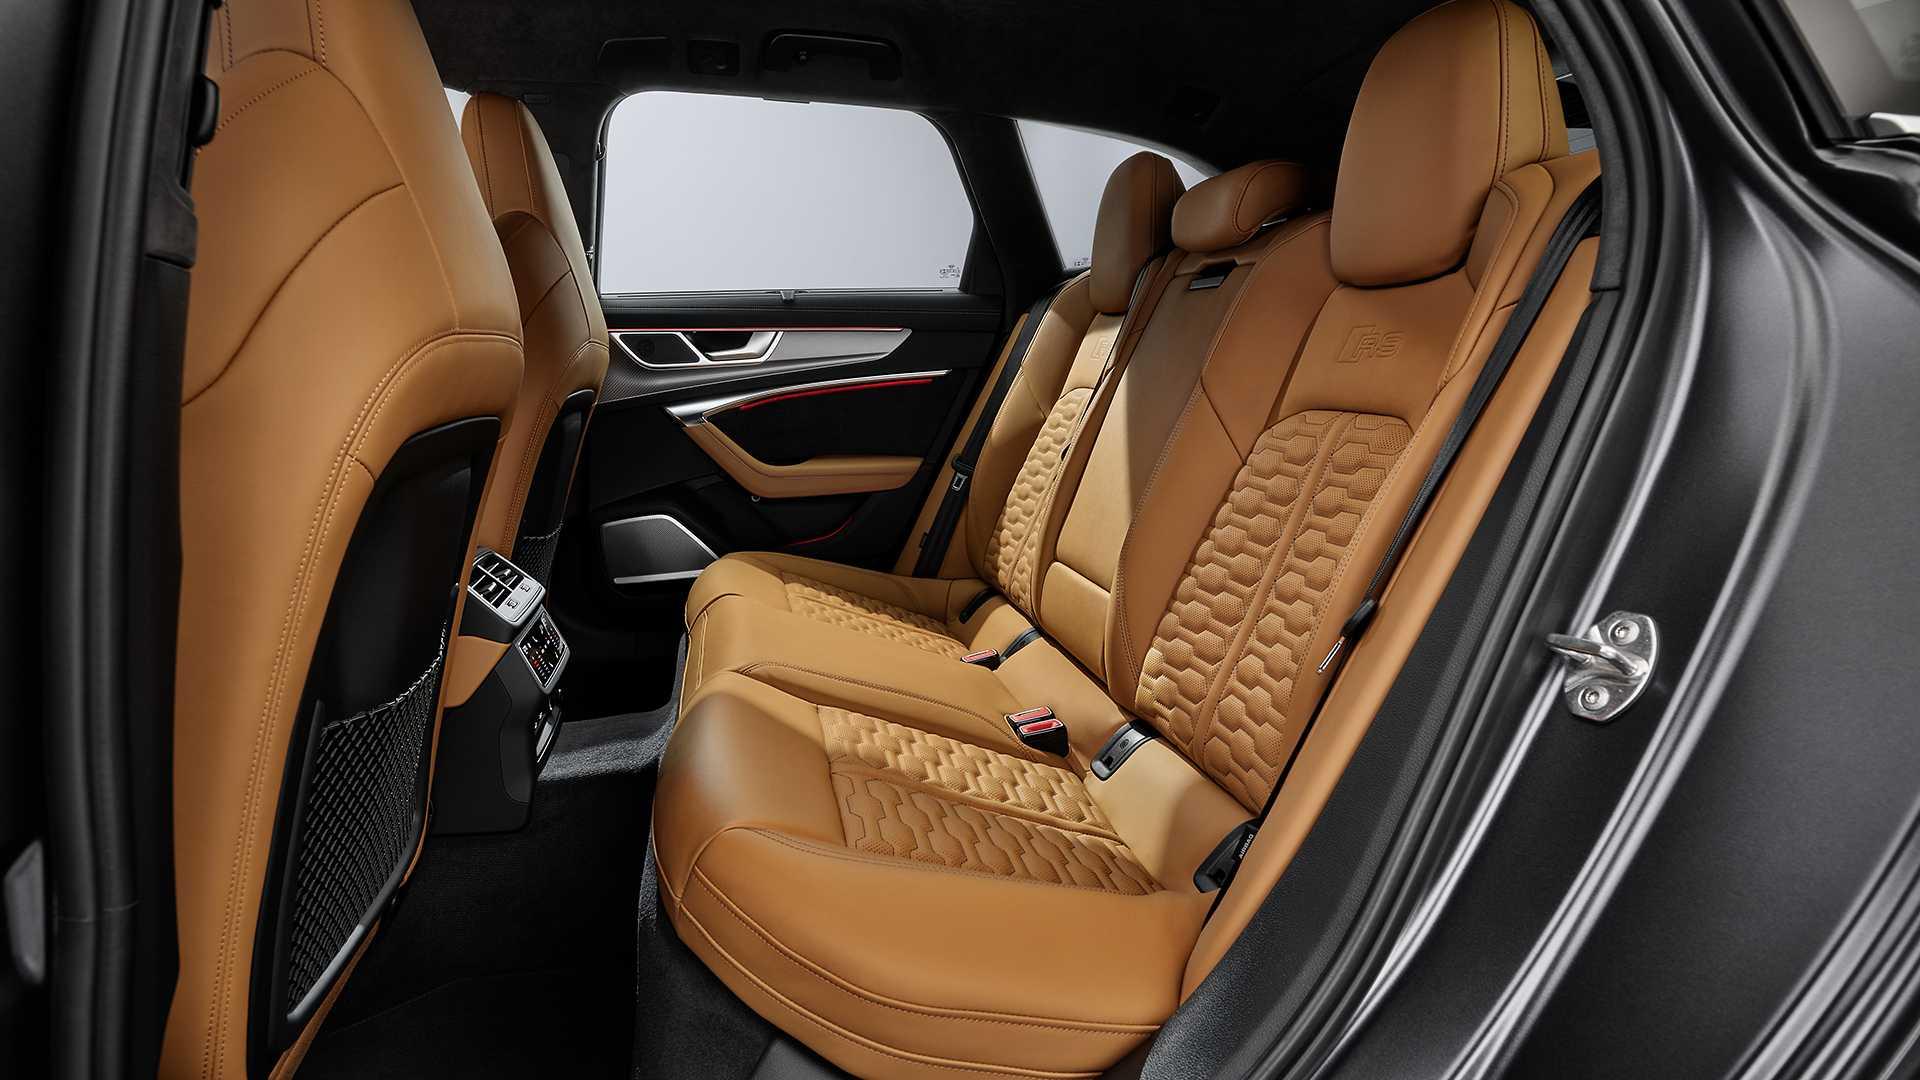 Audi RS6 Avant lần đầu ra mắt tại Mỹ kỷ niệm 25 năm dòng xe RS của Audi - 18